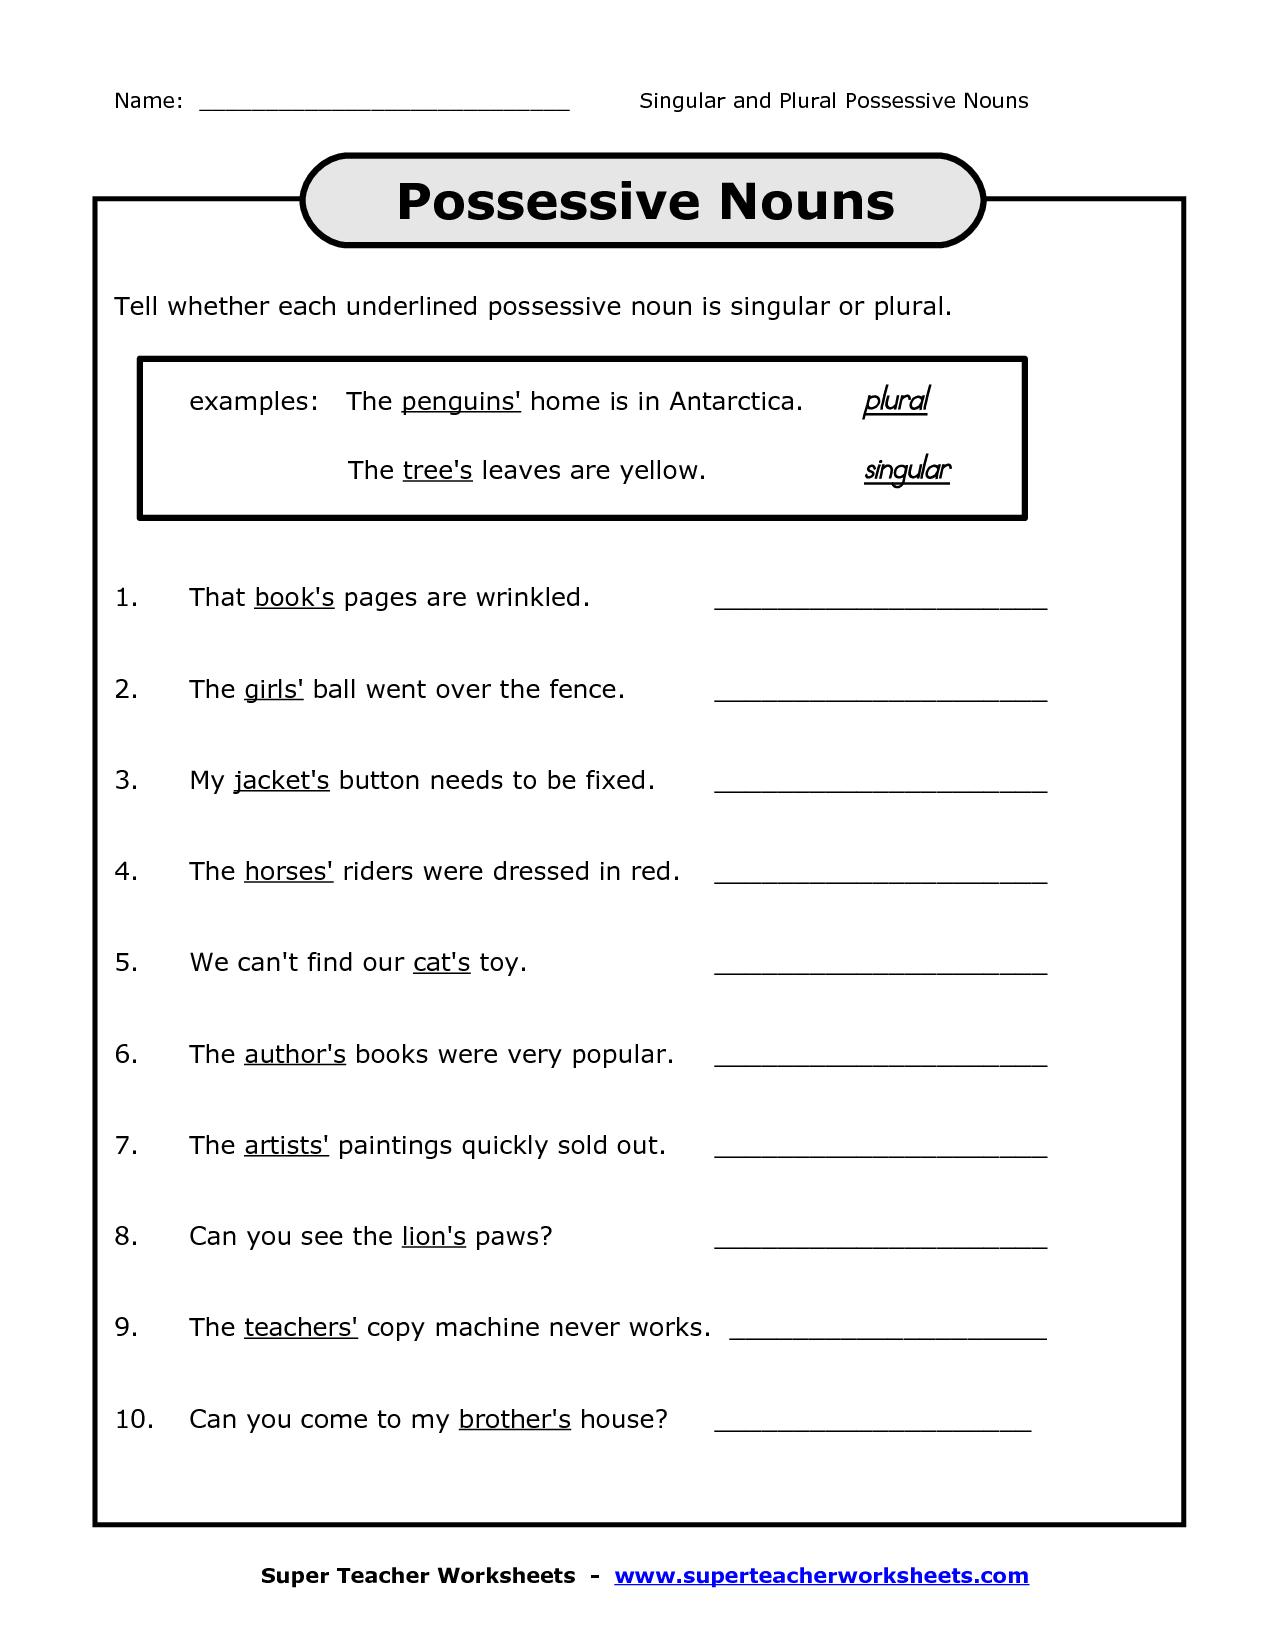 Possessive Nouns Worksheet For 3rd Grade